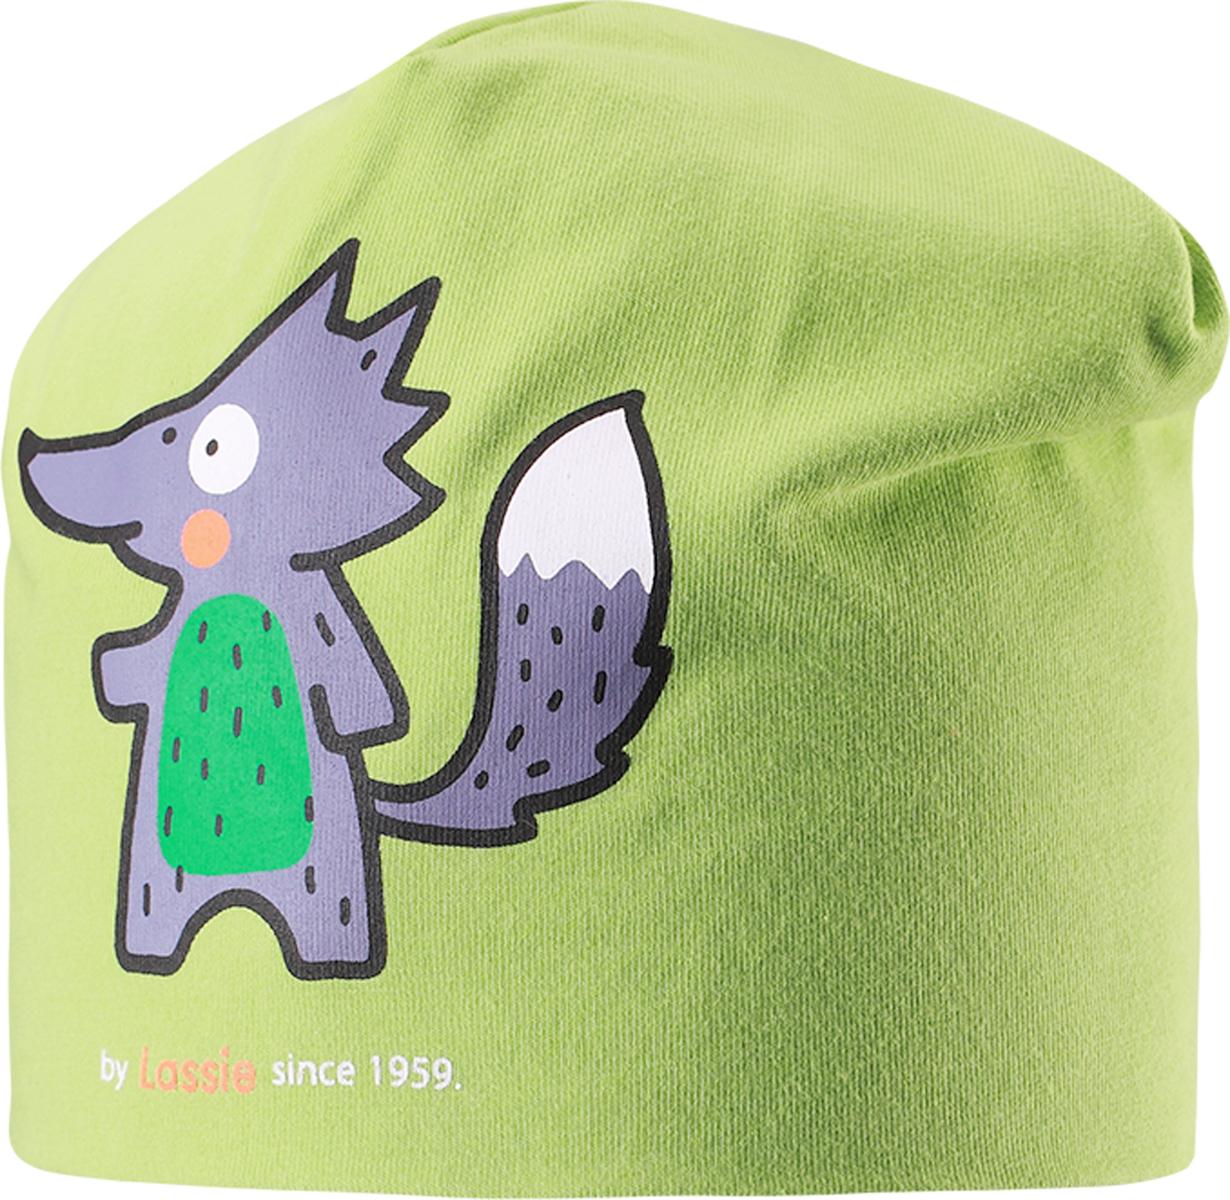 Шапка детская Lassie, цвет: зеленый. 7187178300. Размер 46/48 шапка детская lassie цвет бордовый 728693 4980 размер s 46 48